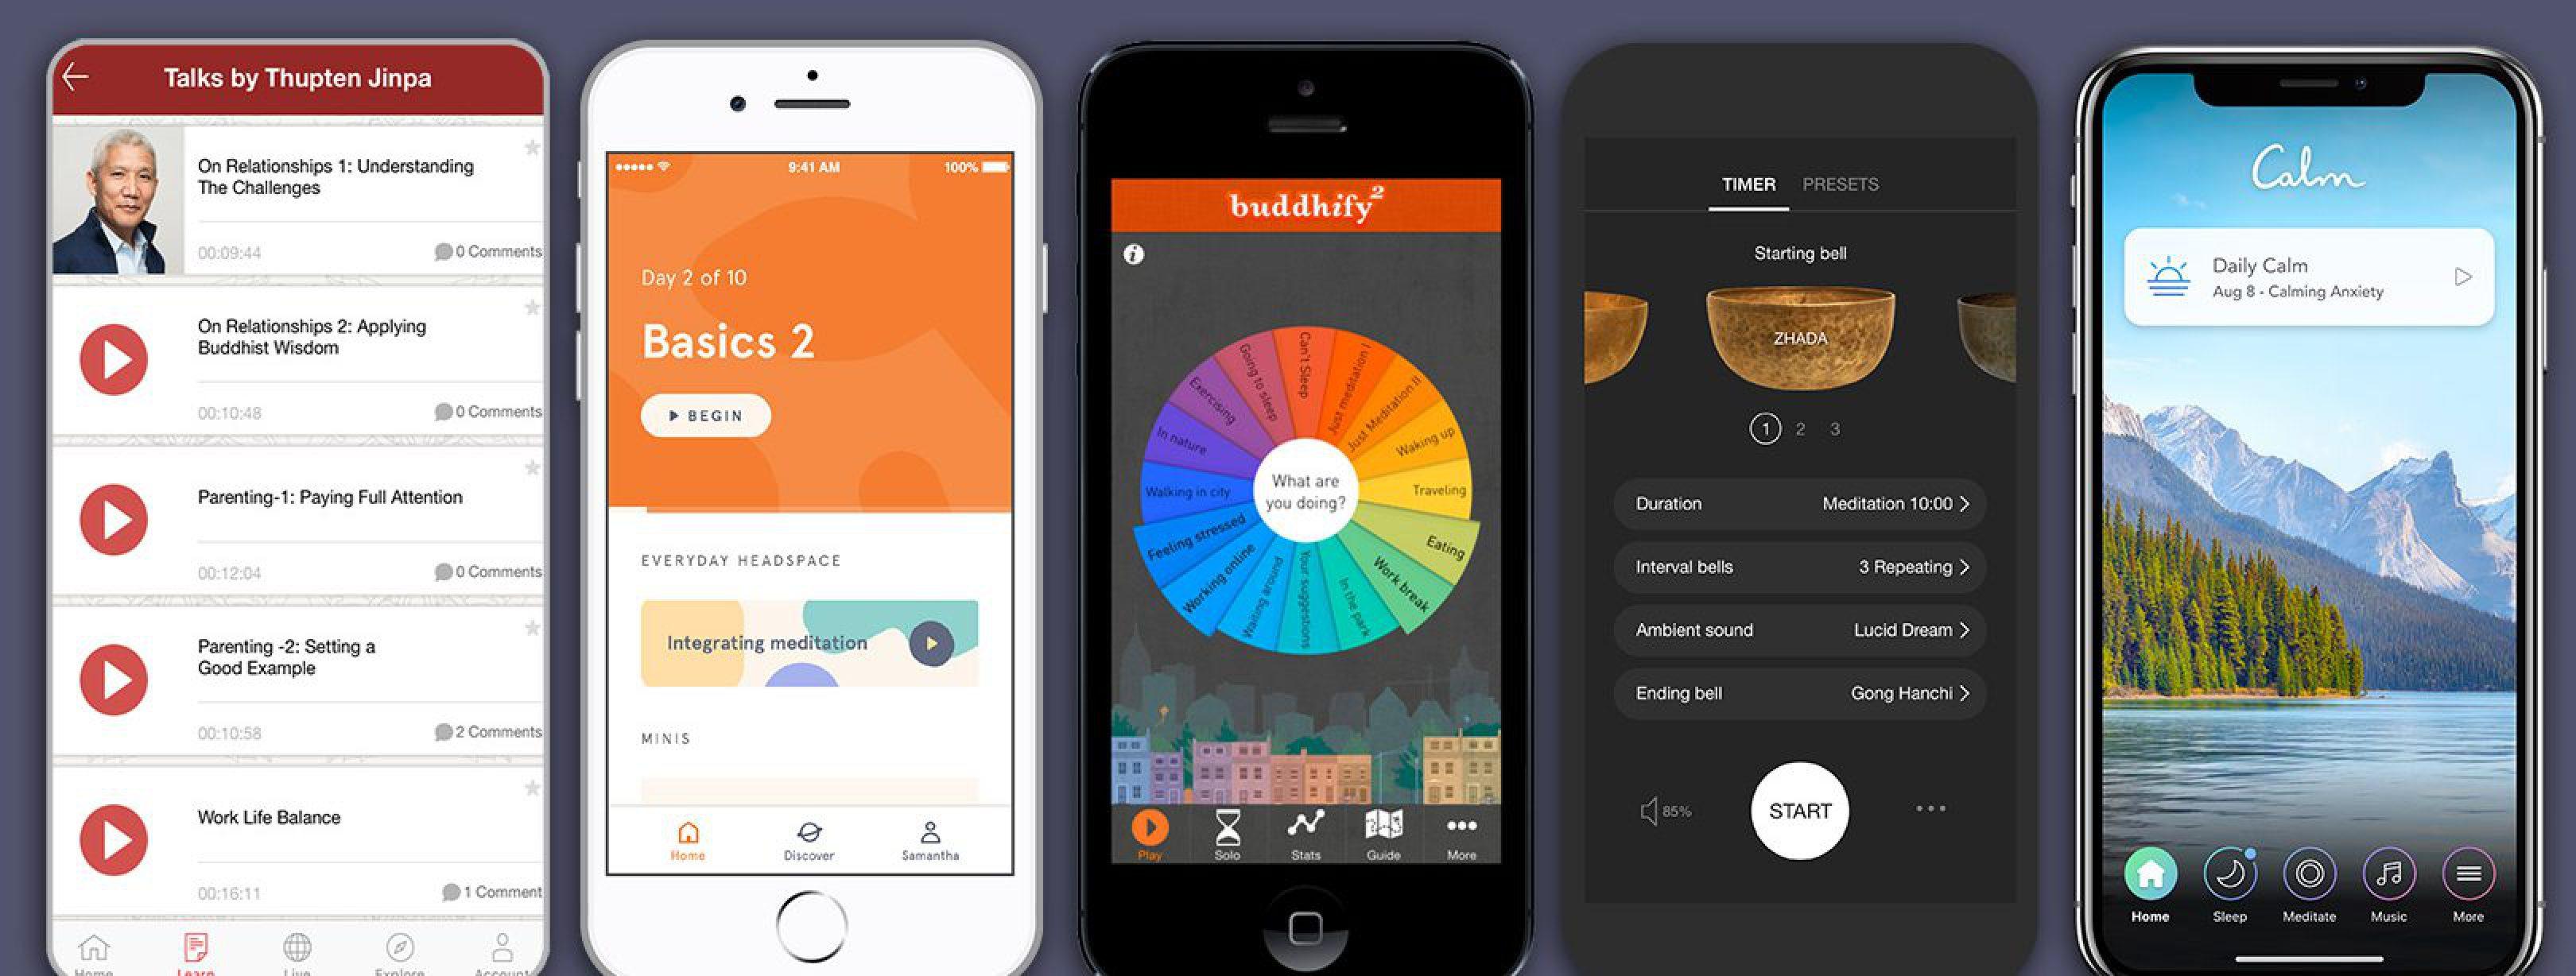 Populaire meditatie apps